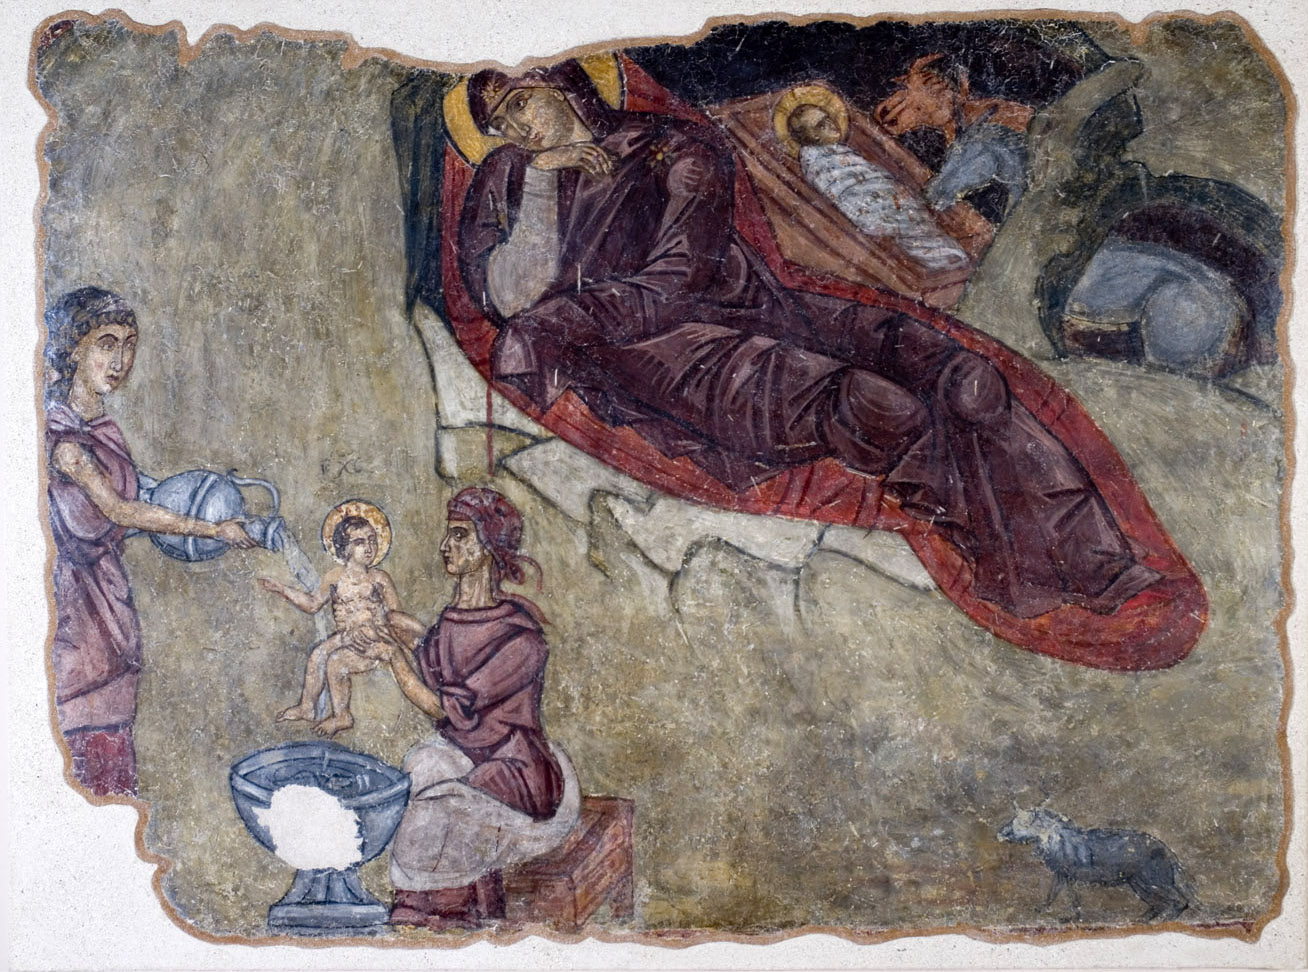 Η Γέννηση του Χριστού. Λεπτομέρεια με τη γέννηση και το λουτρό του βρέφους